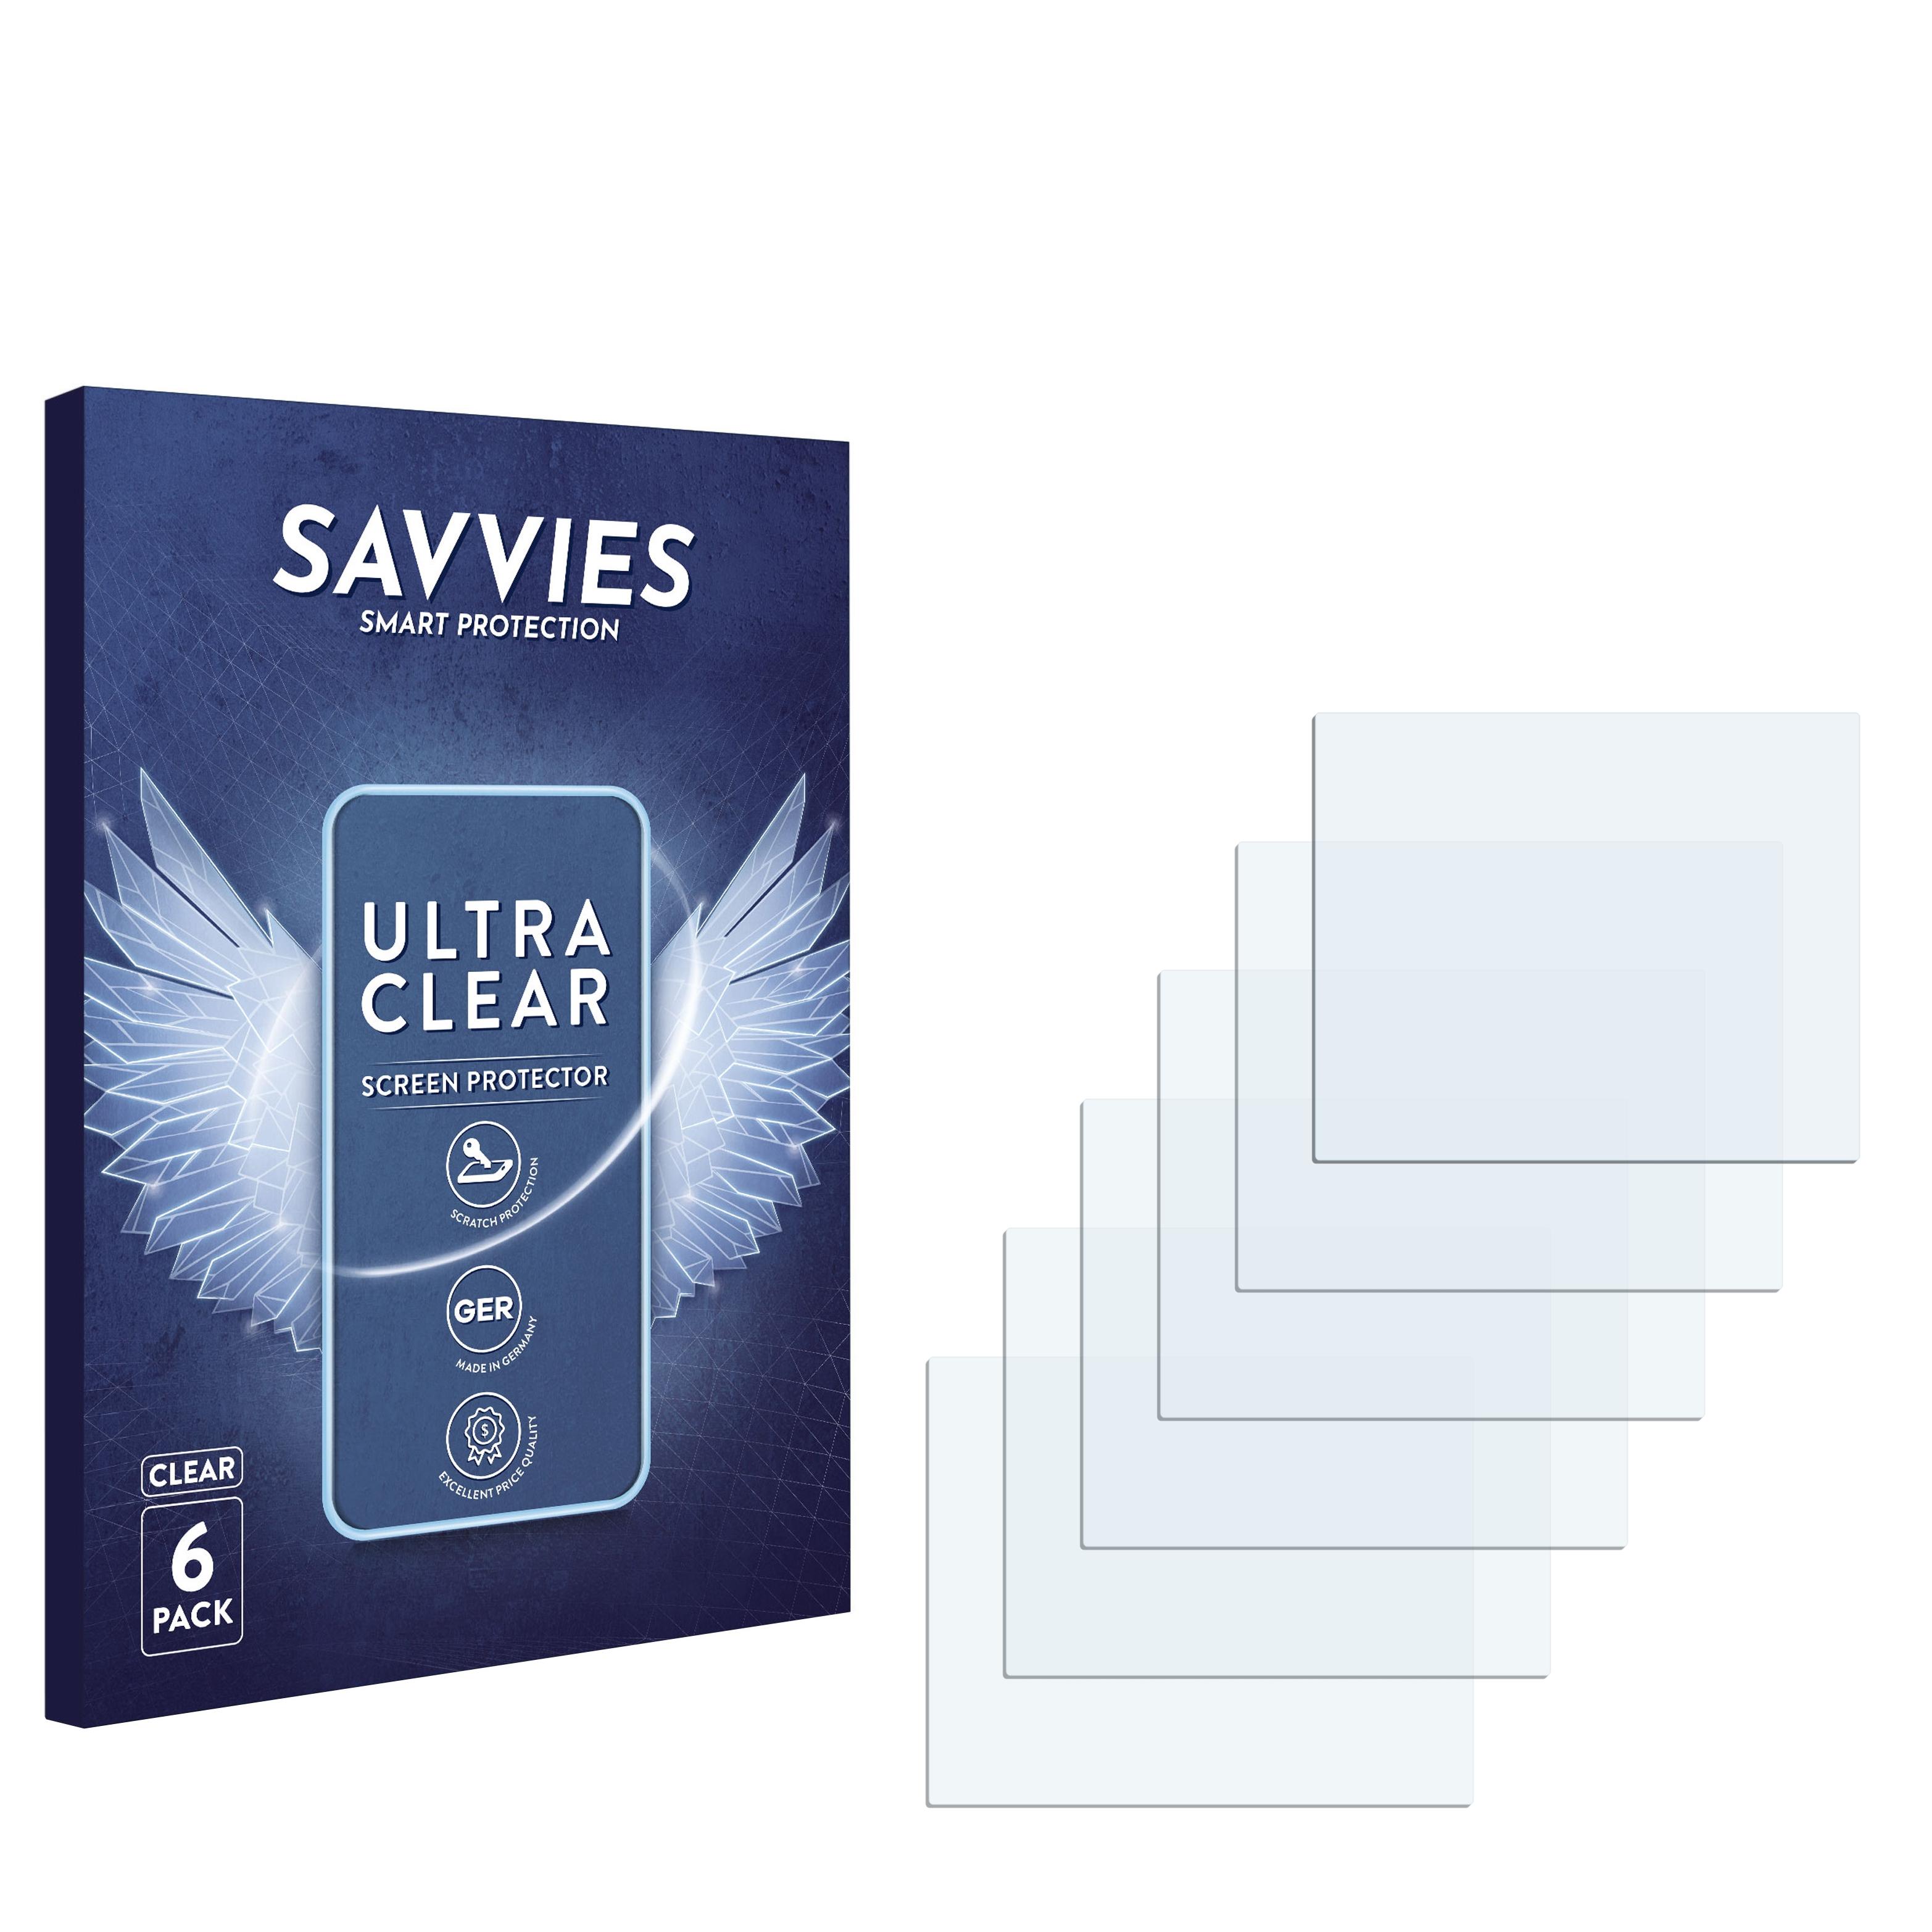 Ochranná fólie Savvies na FujiFilm FinePix S9600, 6ks